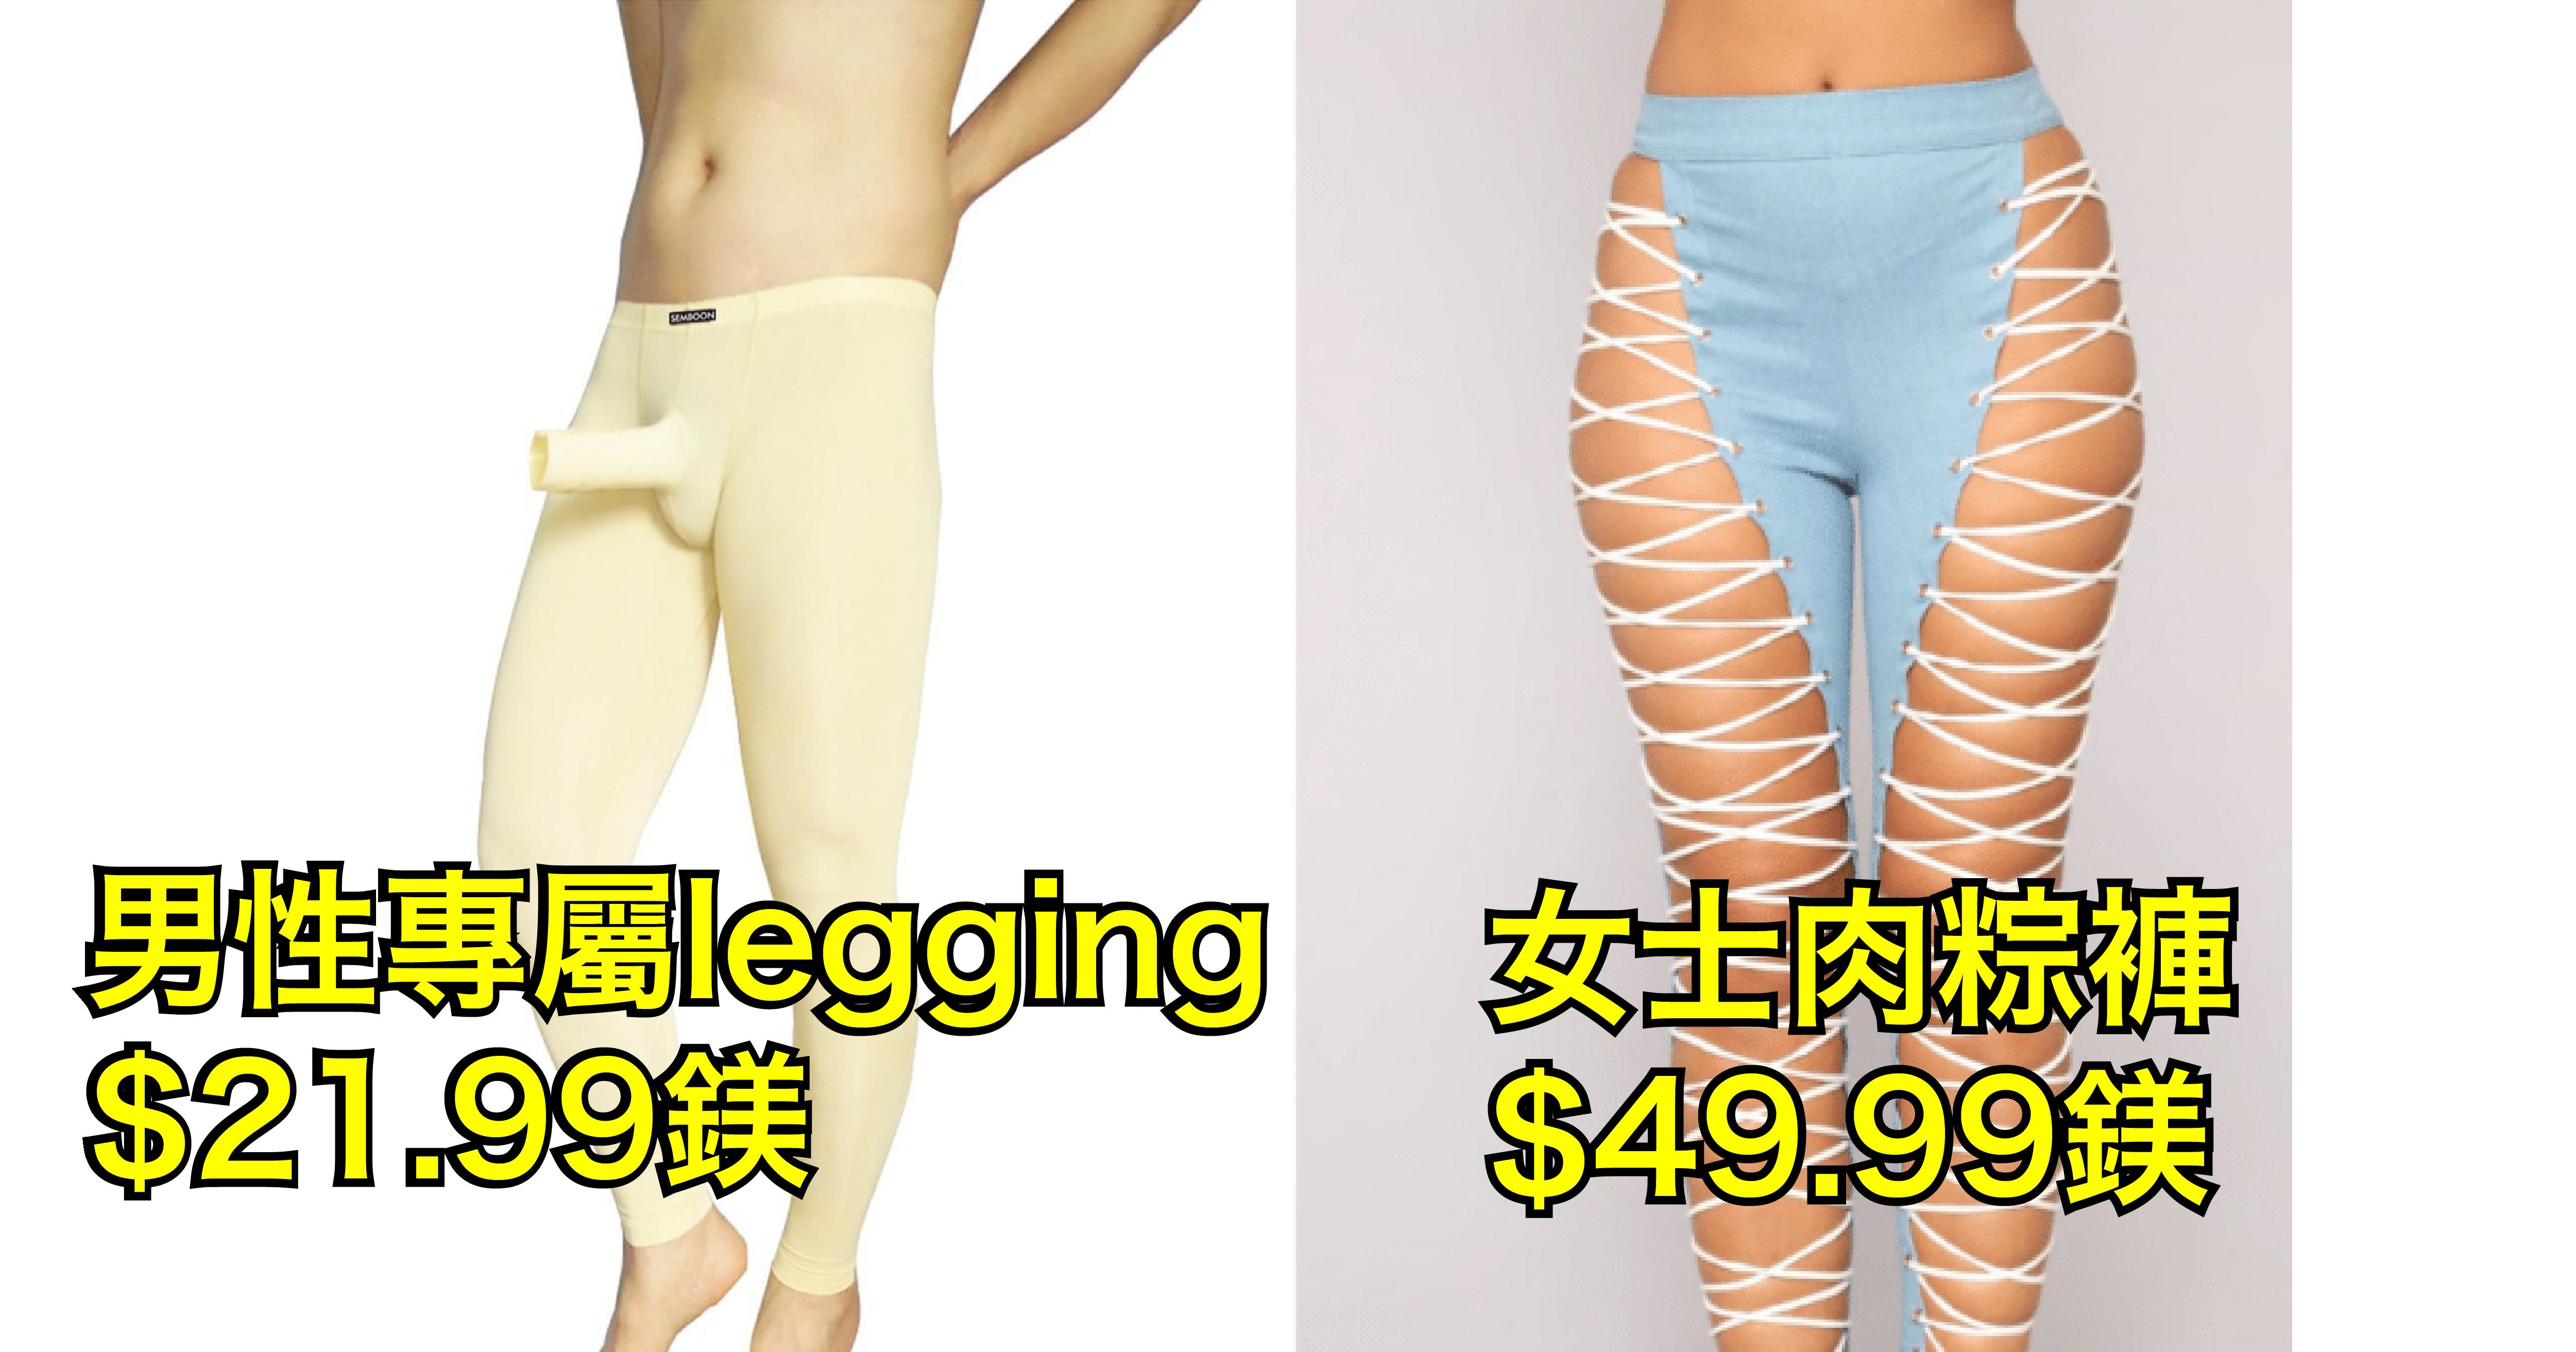 e5b081e99da2 02 6.png - 11款夭壽恐怖的褲子設計,第三款布料超少卻要價5000台幣...到底誰敢穿出門?